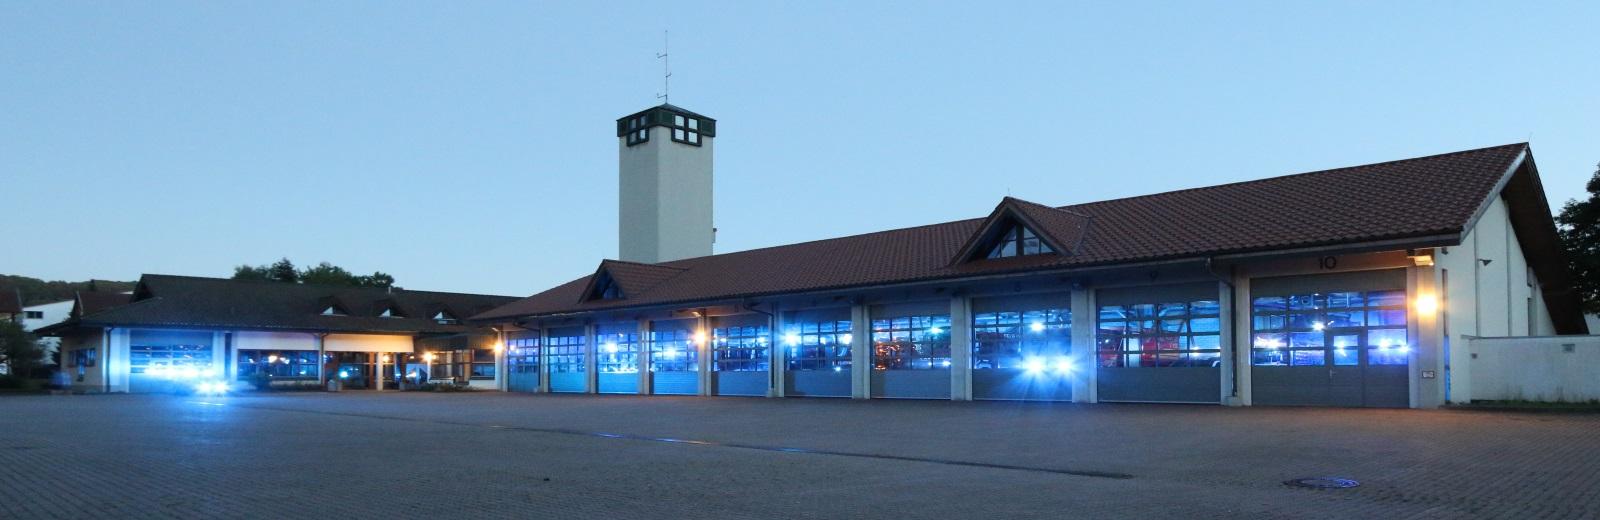 Feuerwehrgerätehaus in Schopfheim